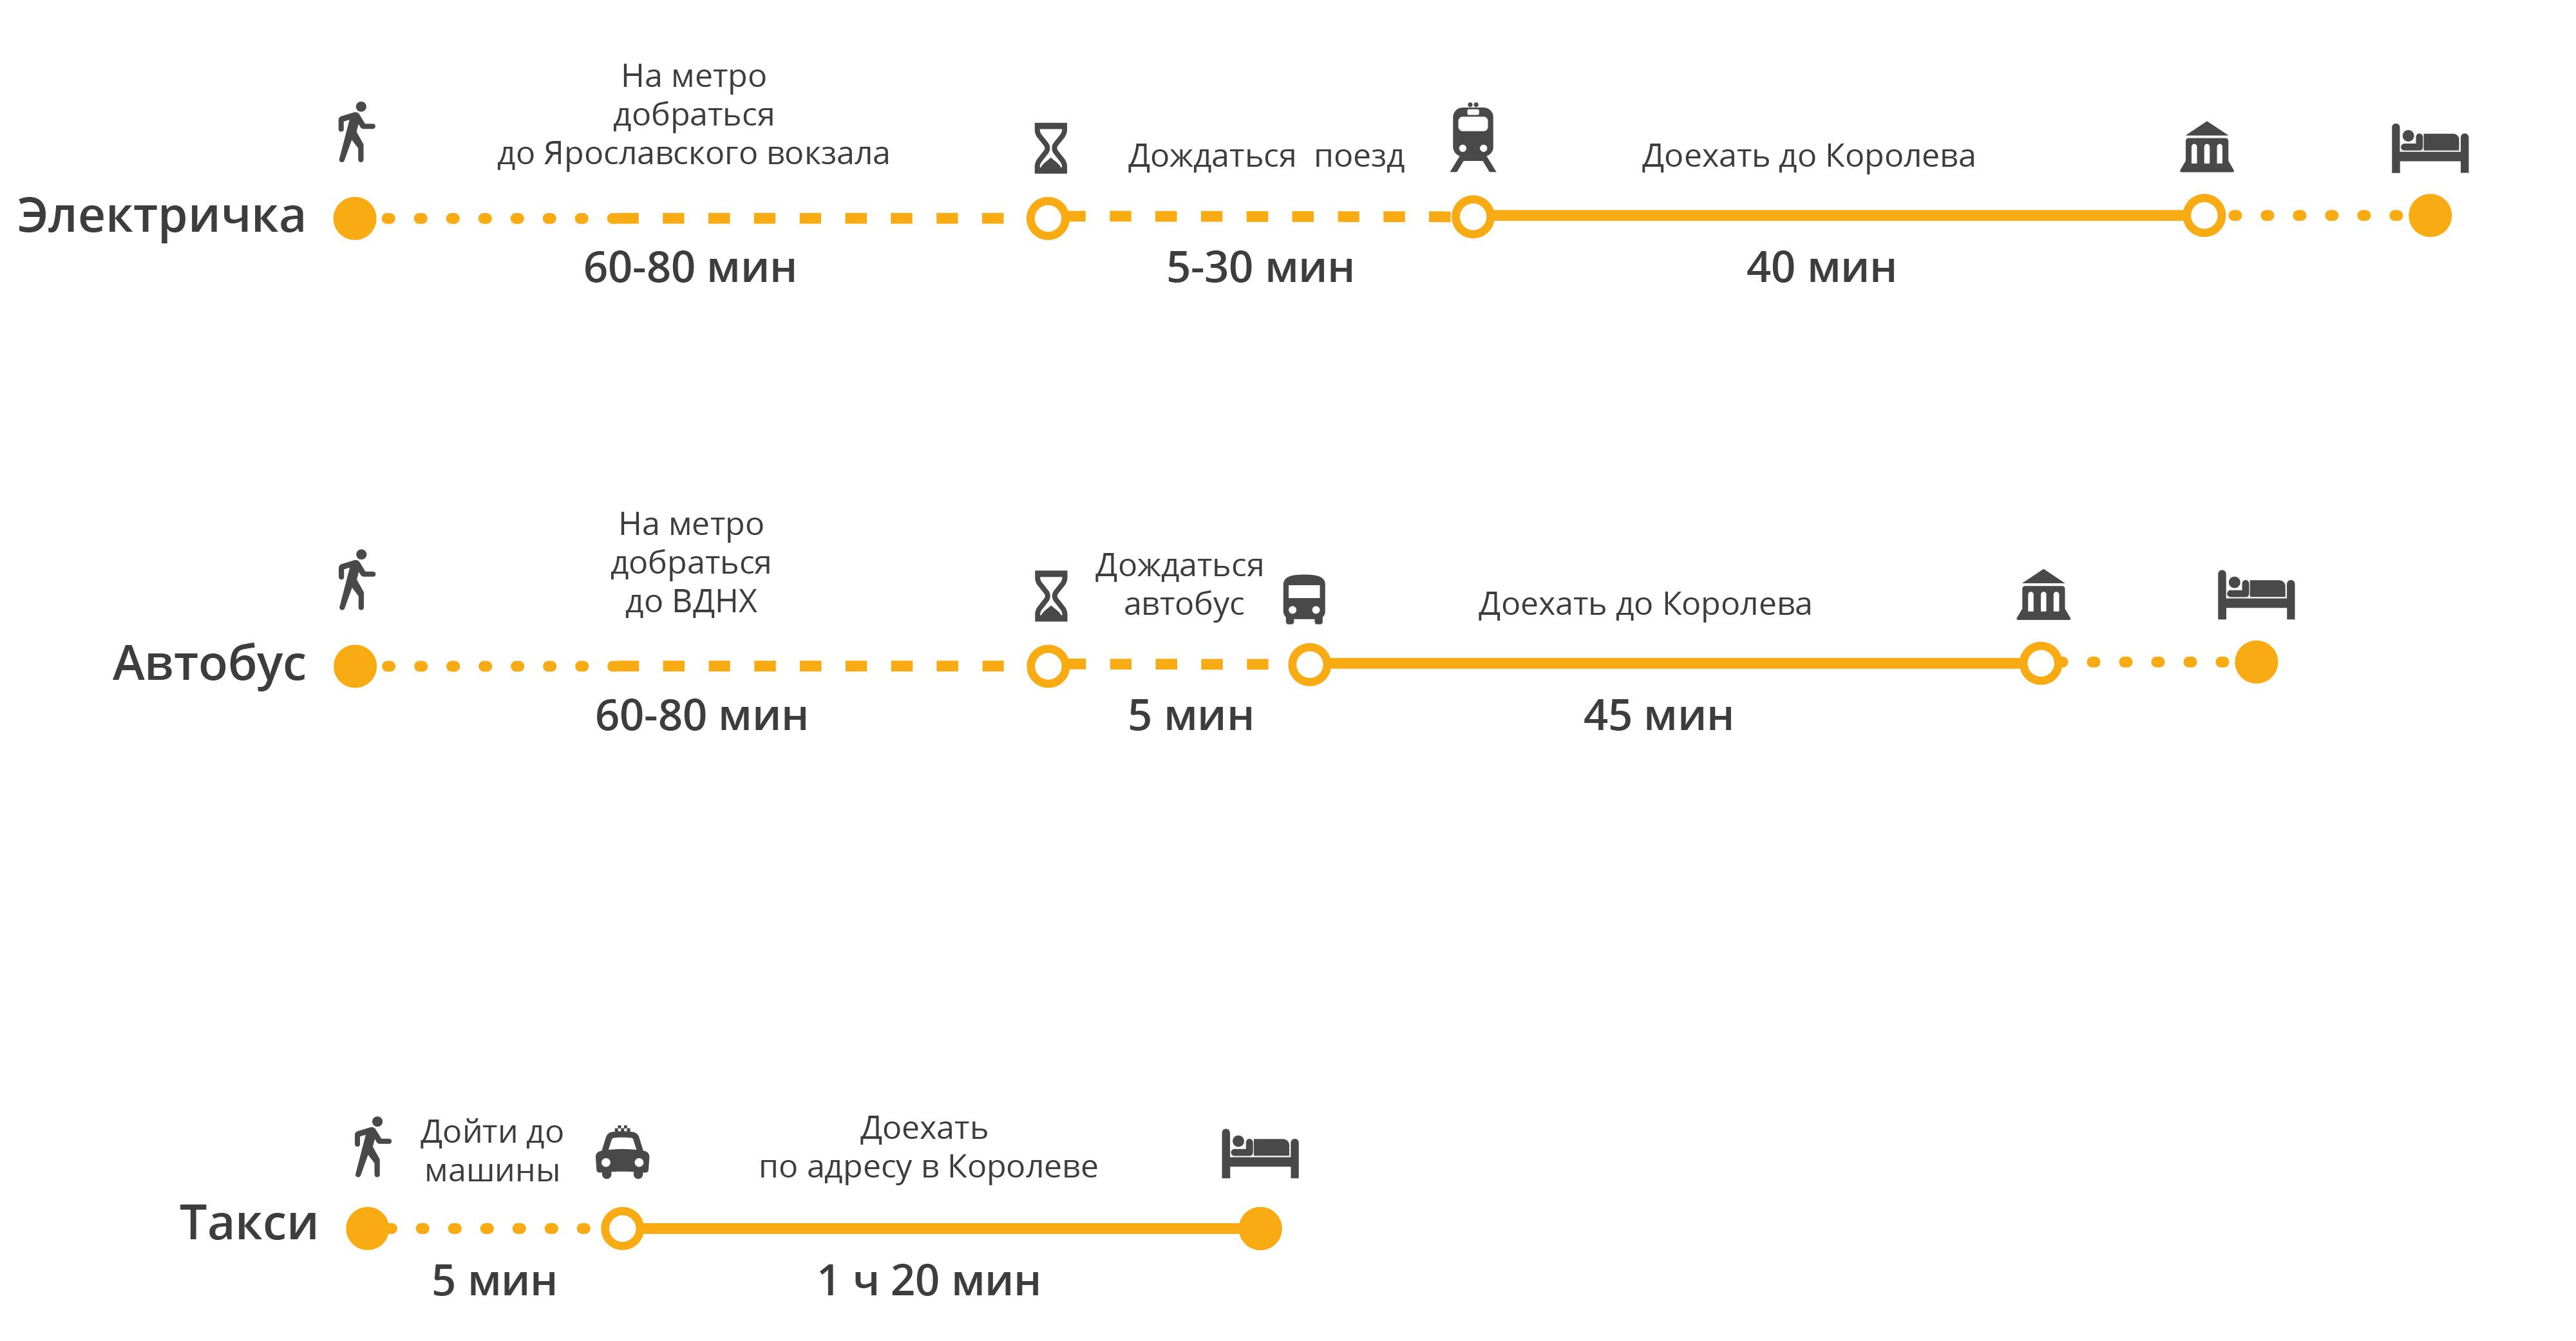 Как доехать из Москвы в Королев: расстояние, цены, транспорт?